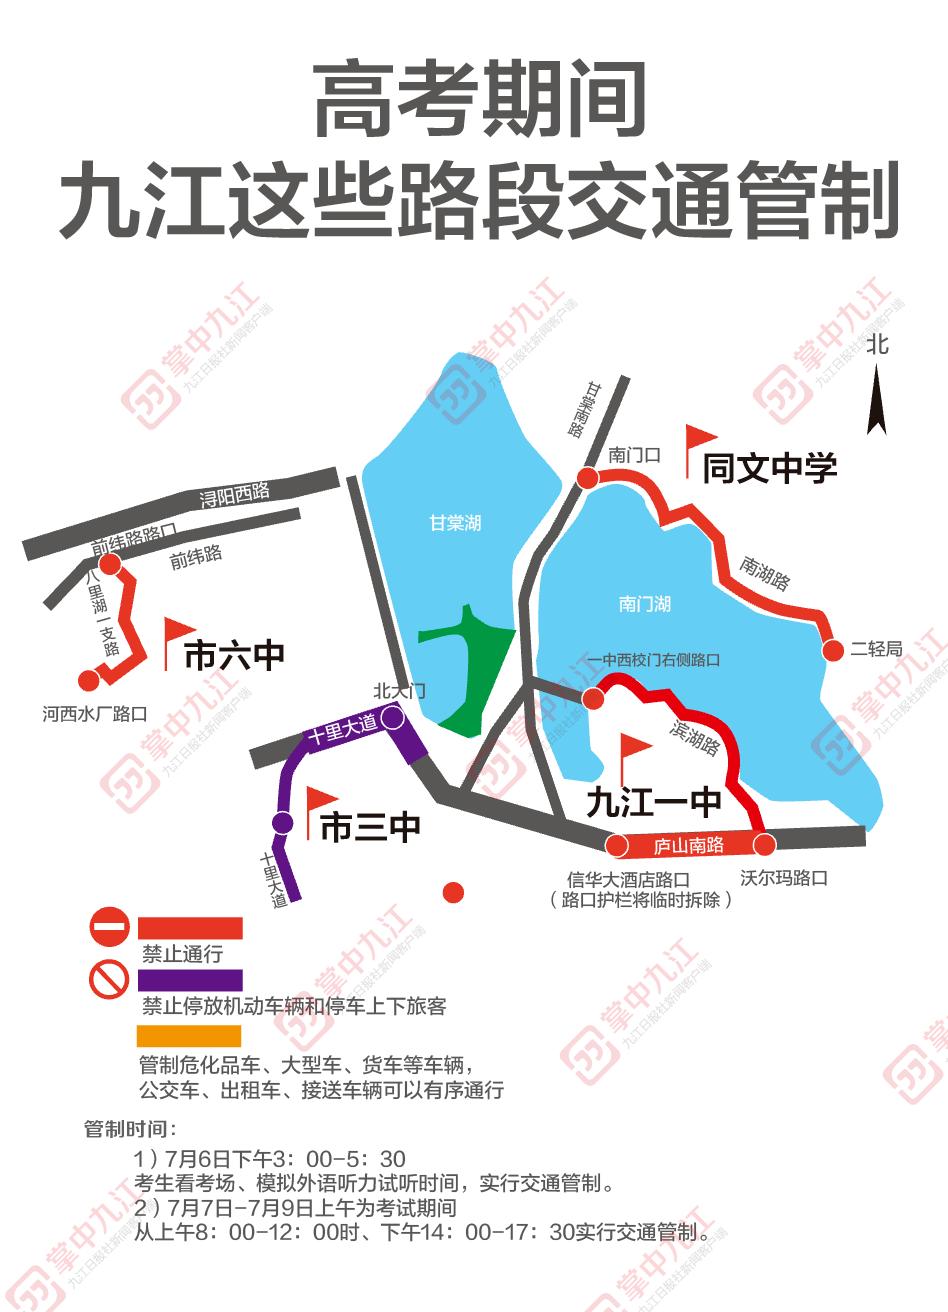 九江市公布2020年高考通知!都昌在九江的老乡要注意了。